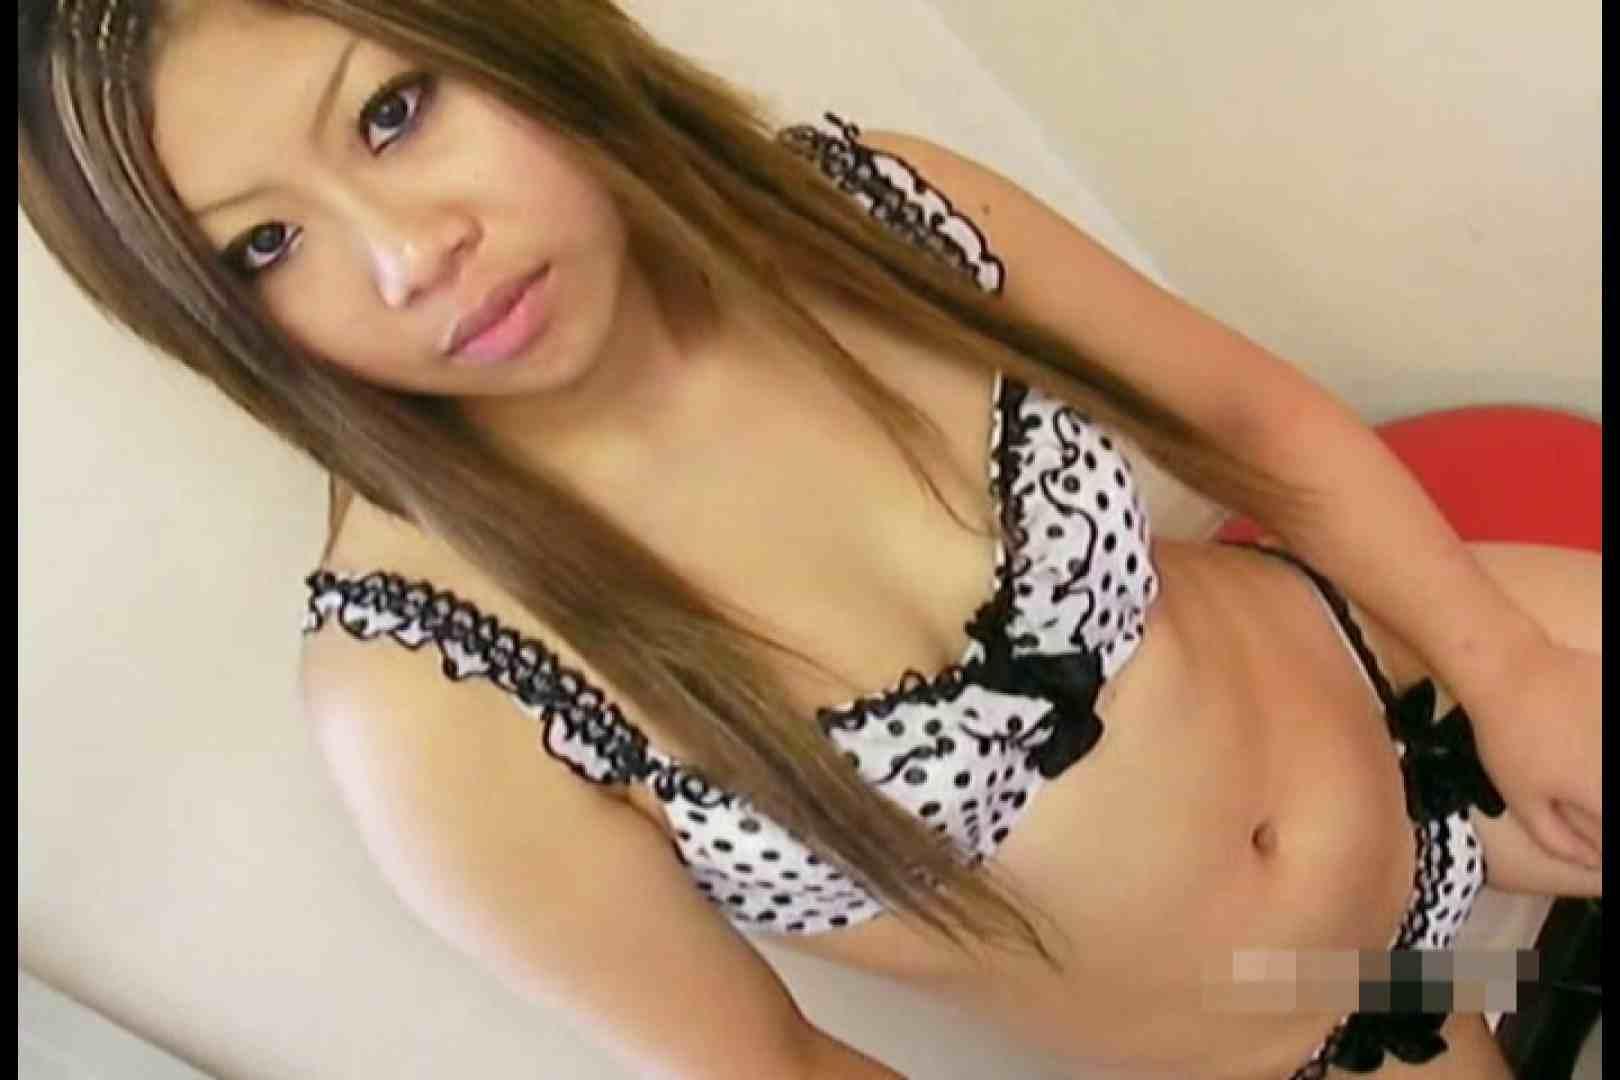 素人撮影 下着だけの撮影のはずが・・・幸子18歳 着替え スケベ動画紹介 70pic 29